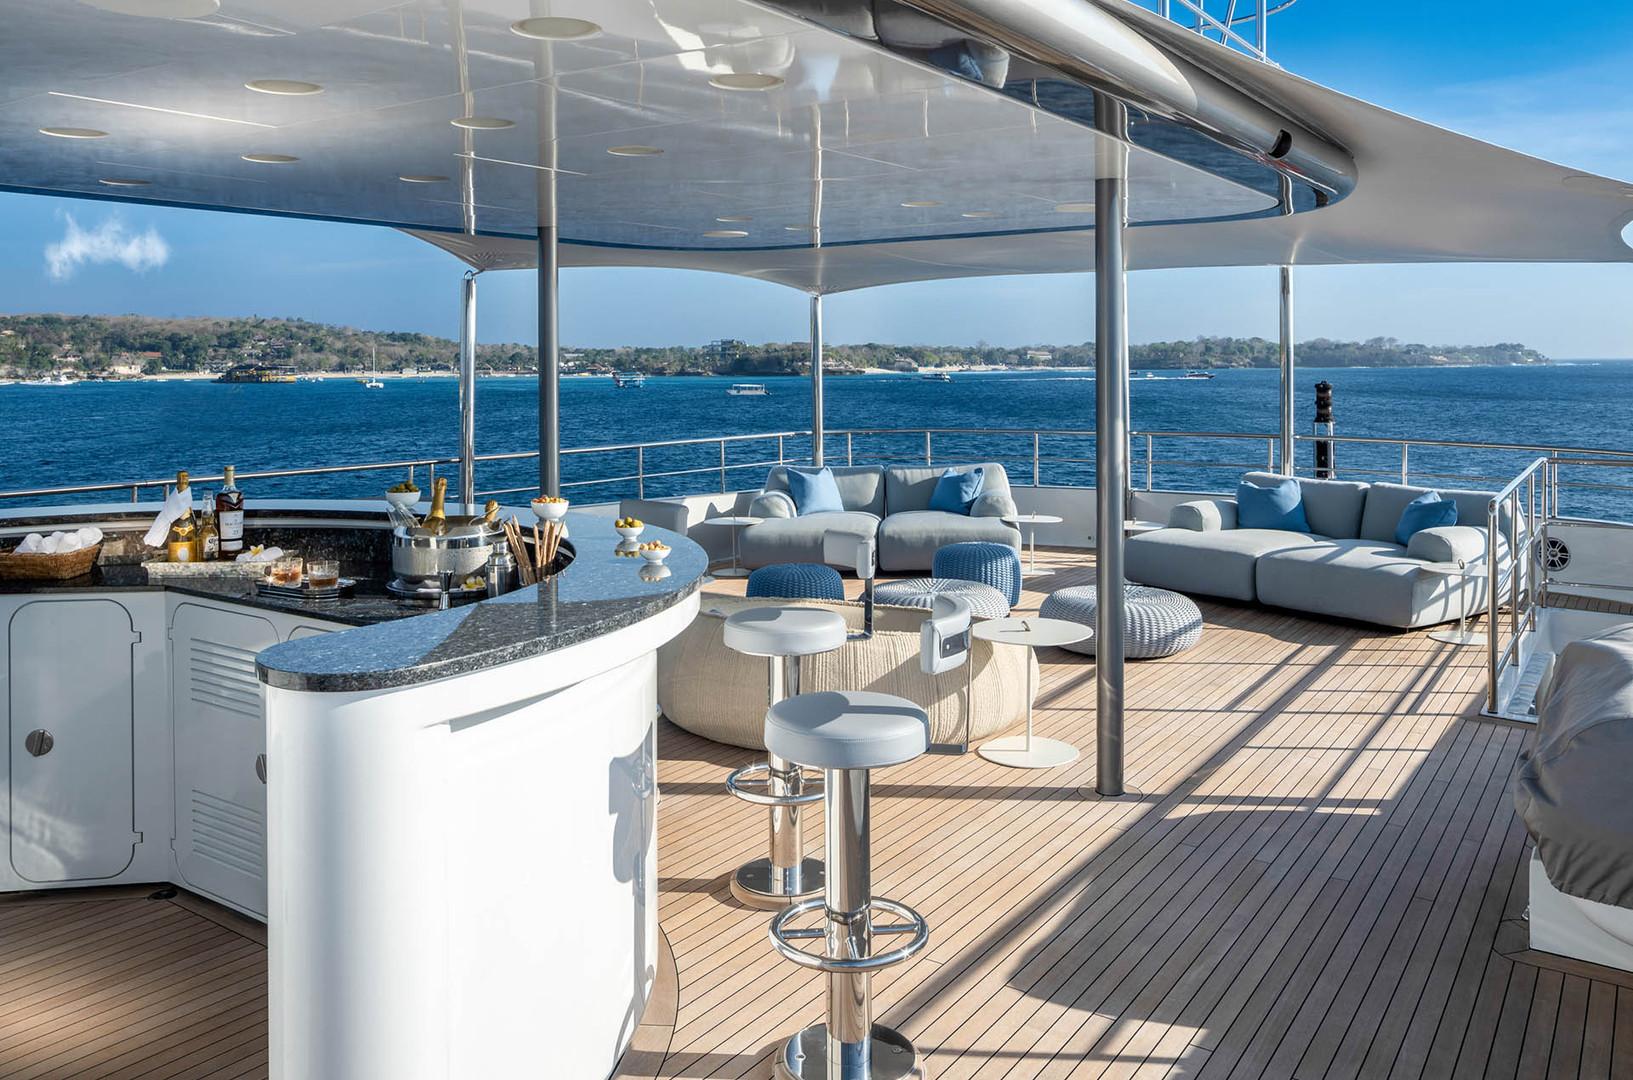 Yacht ATLAS - upper deck bar